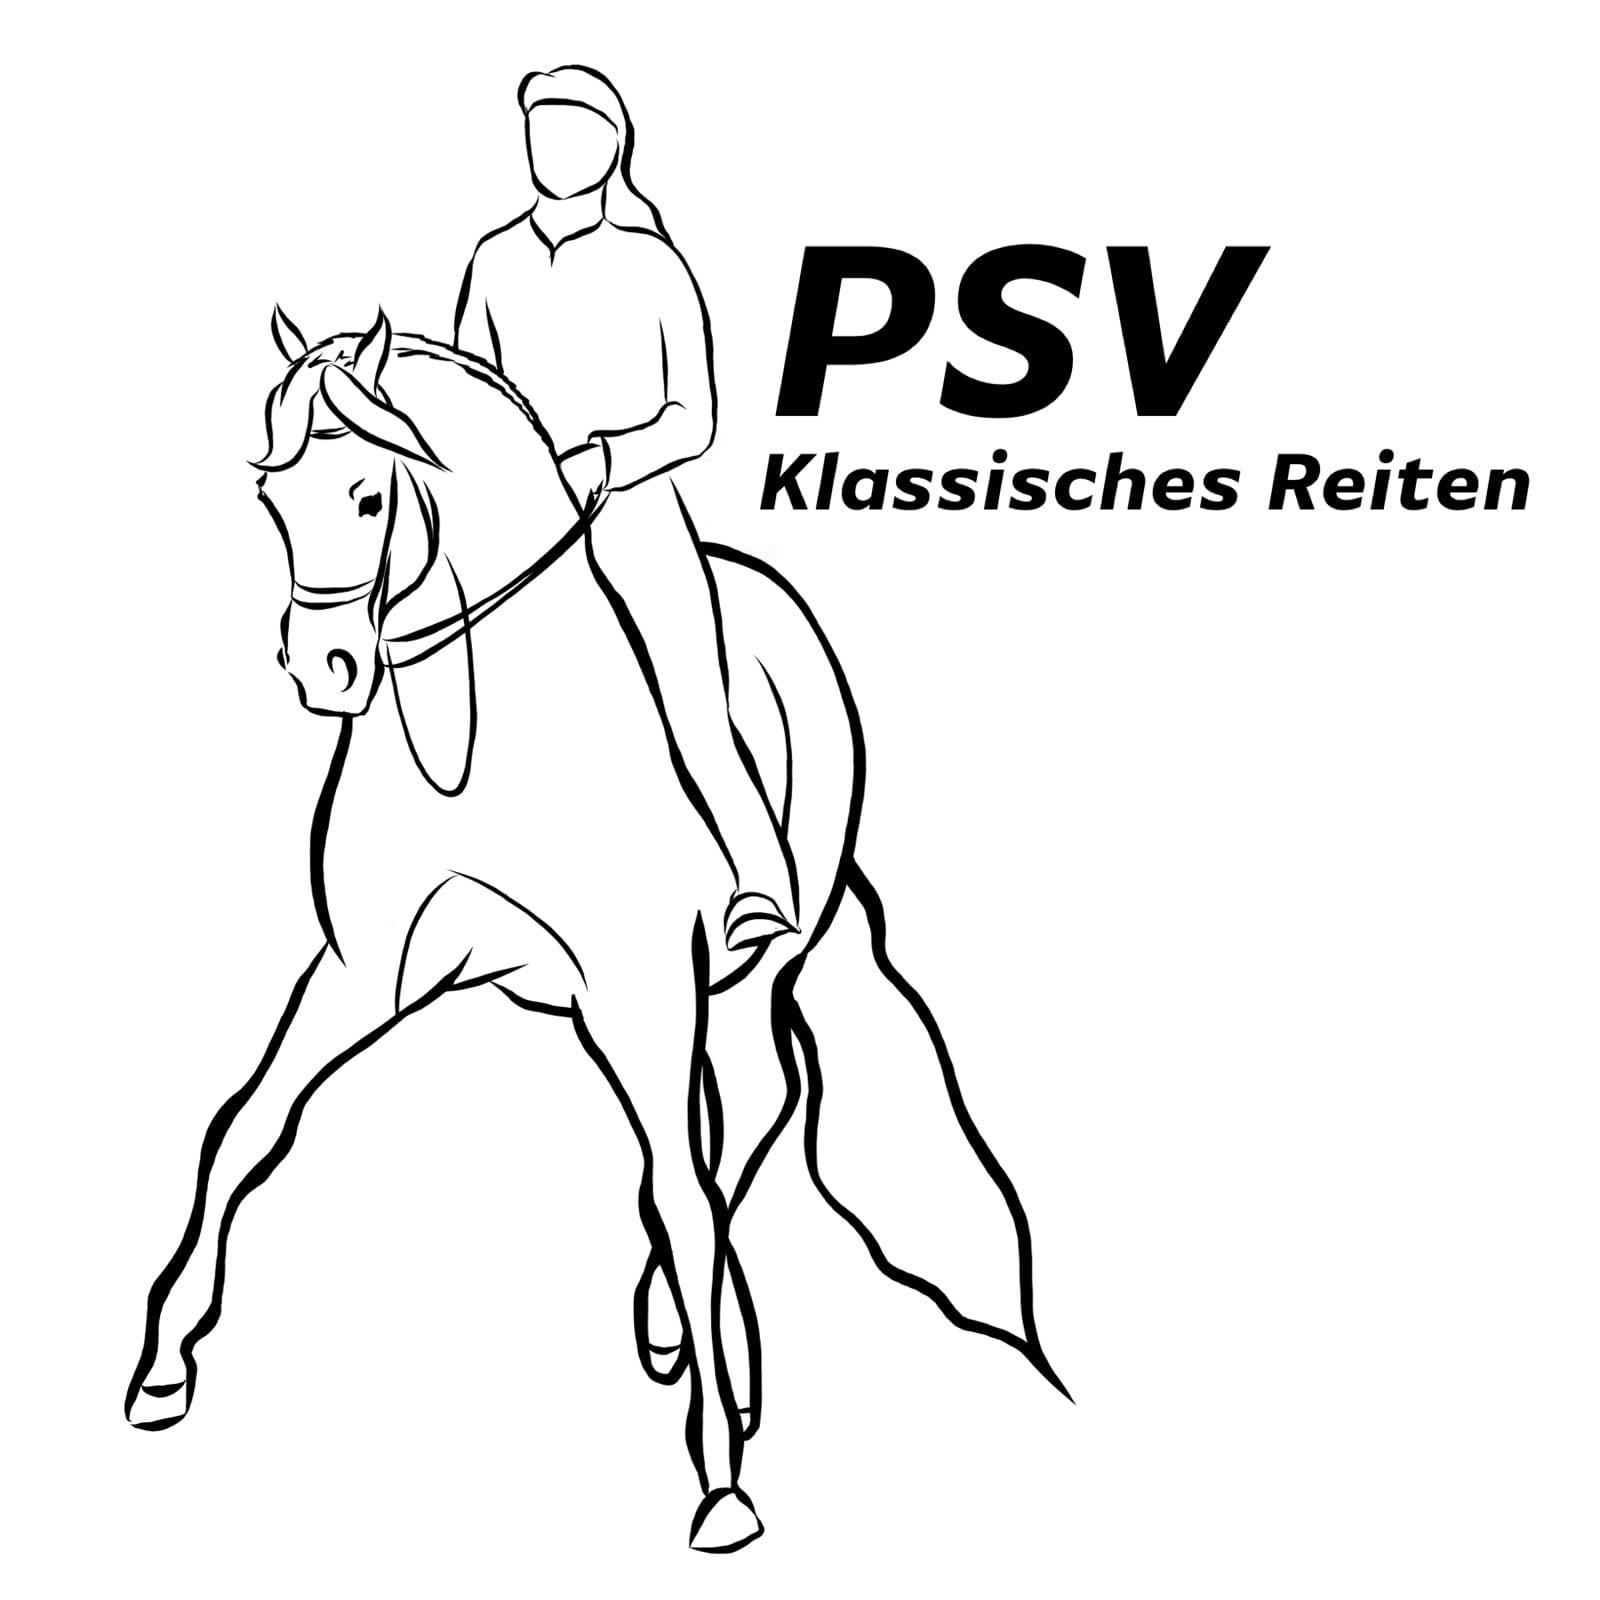 PSV klassisches Reiten e.V.